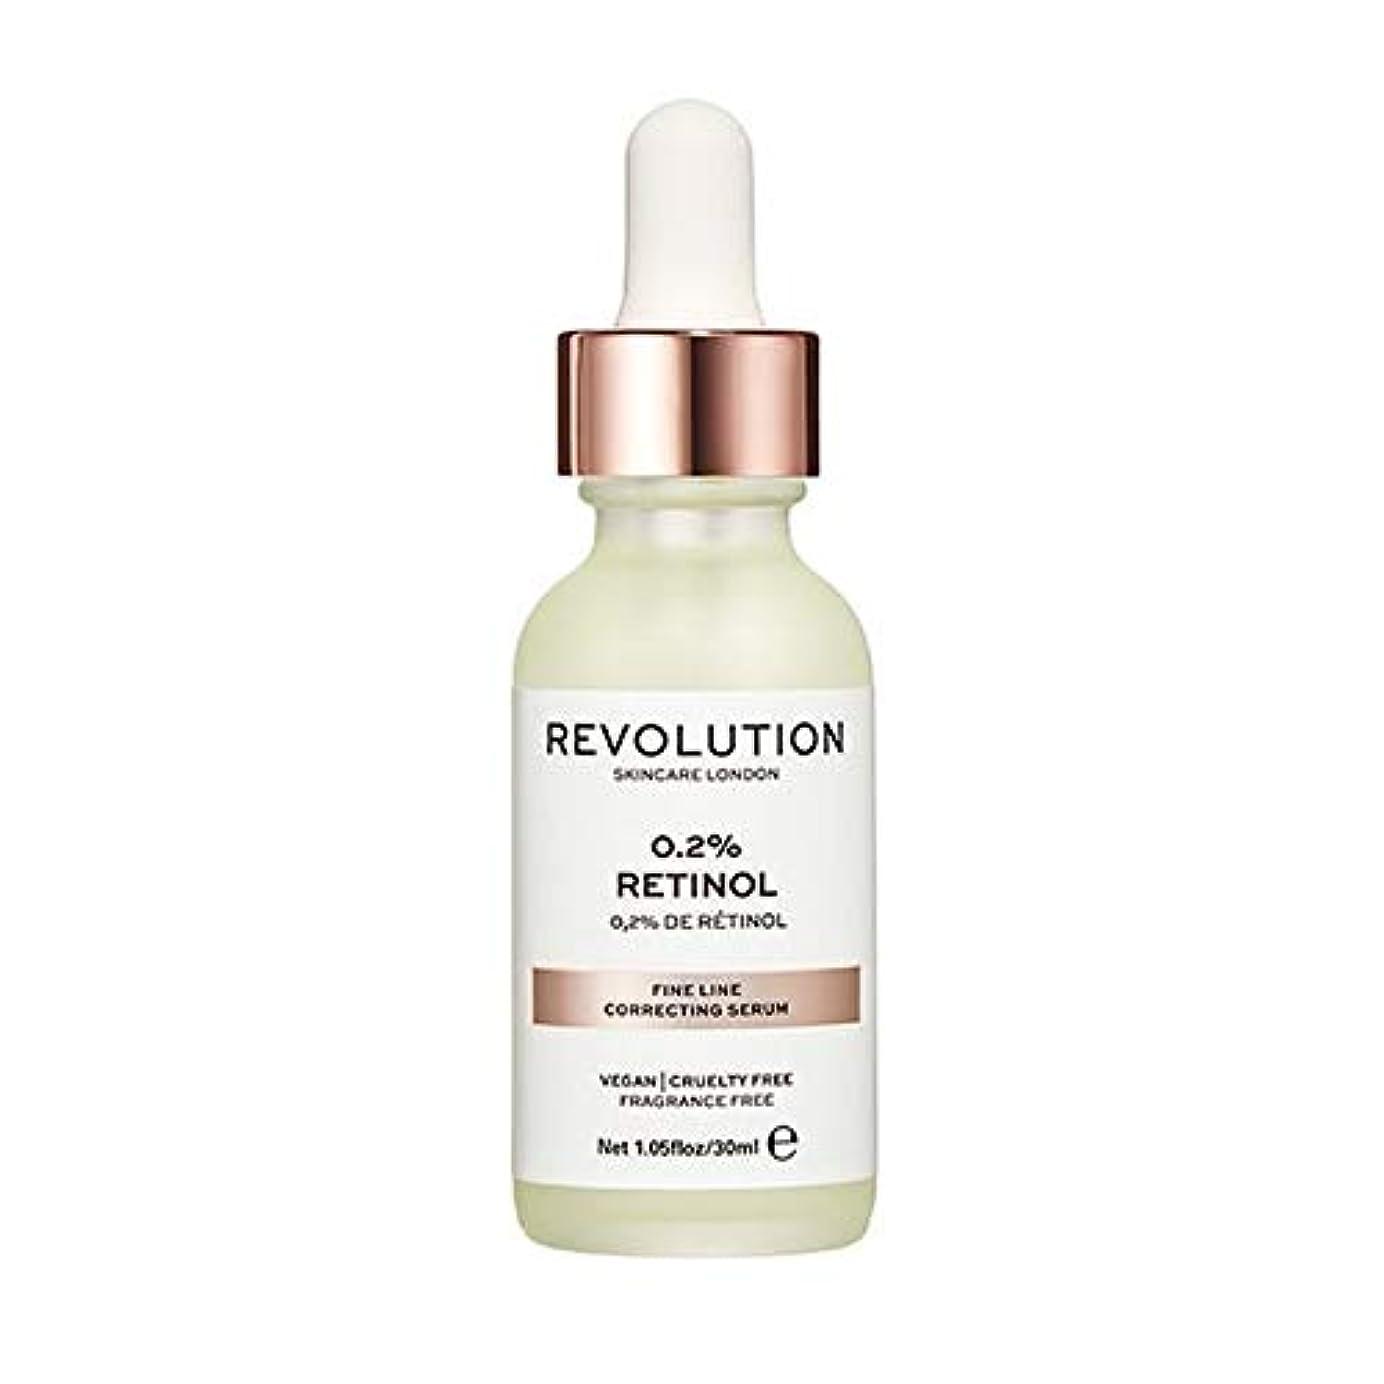 肉の言い換えるとコテージ[Revolution] 革命のスキンケア細線補正した血清 - Revolution Skincare Fine Line Correcting Serum [並行輸入品]